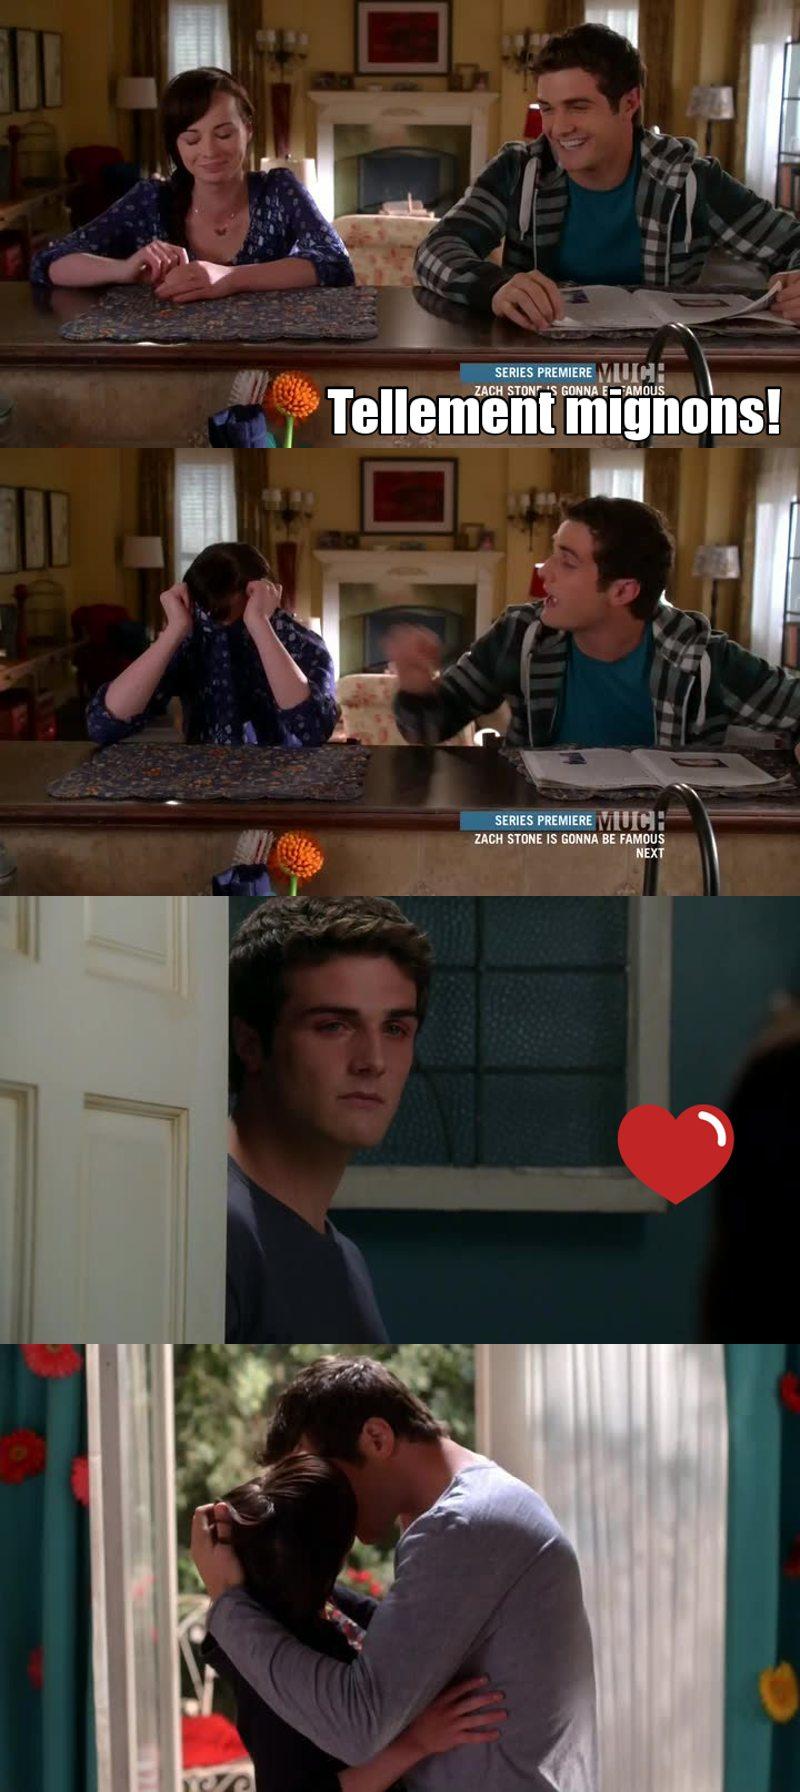 J'avais raison d'être Team Matty depuis le début! Ils vont super bien ensembles, mais j'ai l'impression que Jenna est indécise. Et quand elle a pété devant lui alors la j'en pouvais pluuuus! Il est tellement mignon quand il pleure.